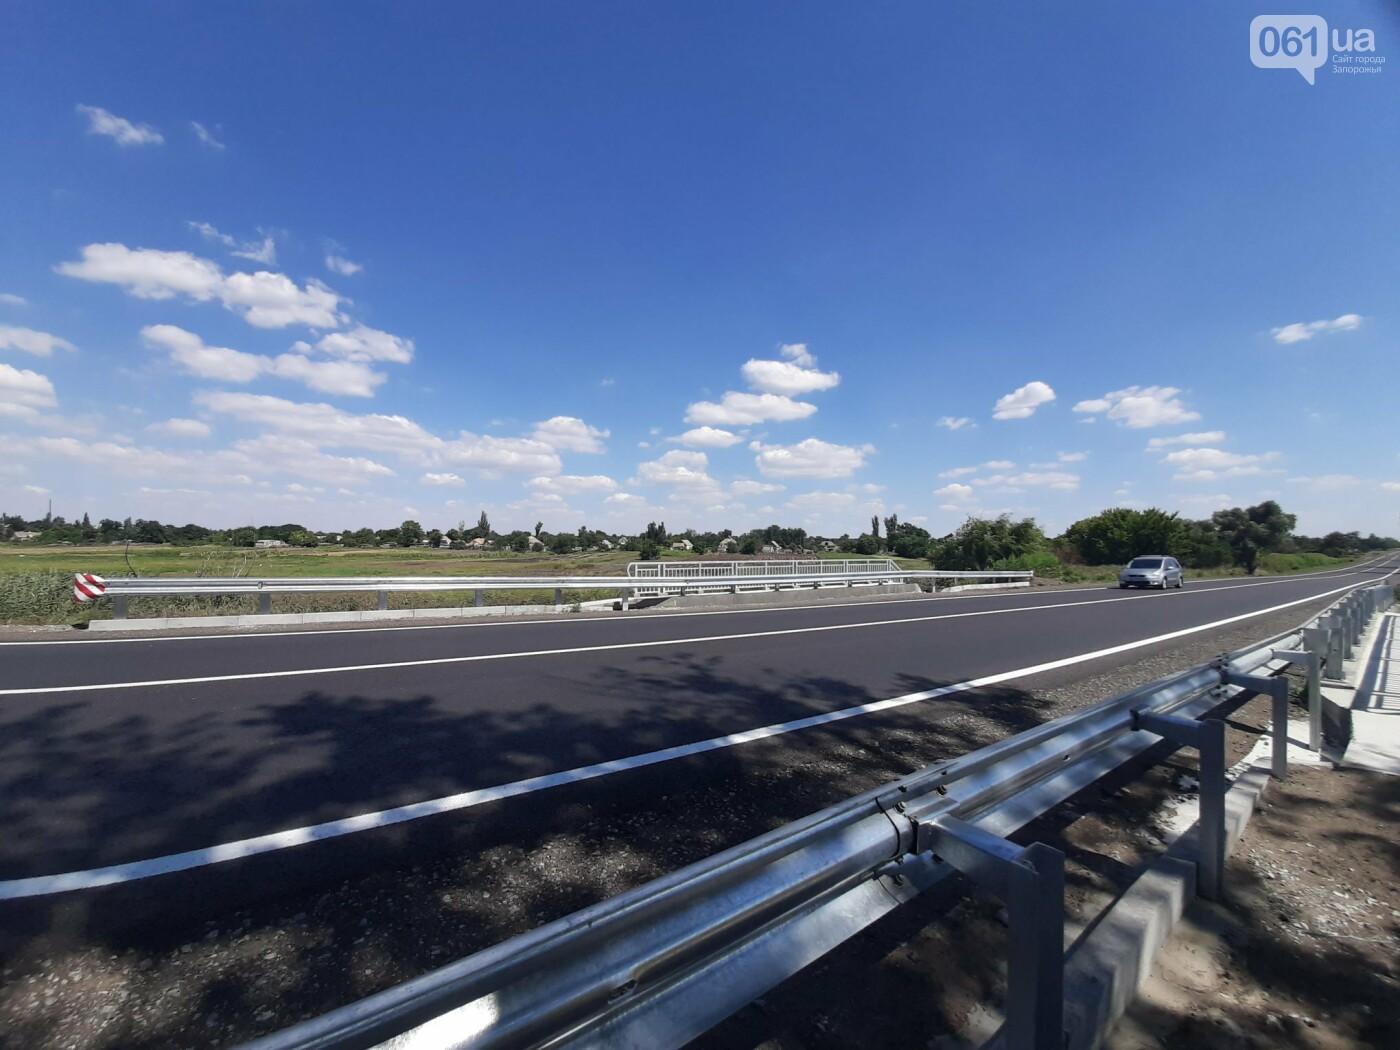 В Запорожской области на трассе Васильевка-Бердянск отремонтировали 12-метровый мост , фото-5